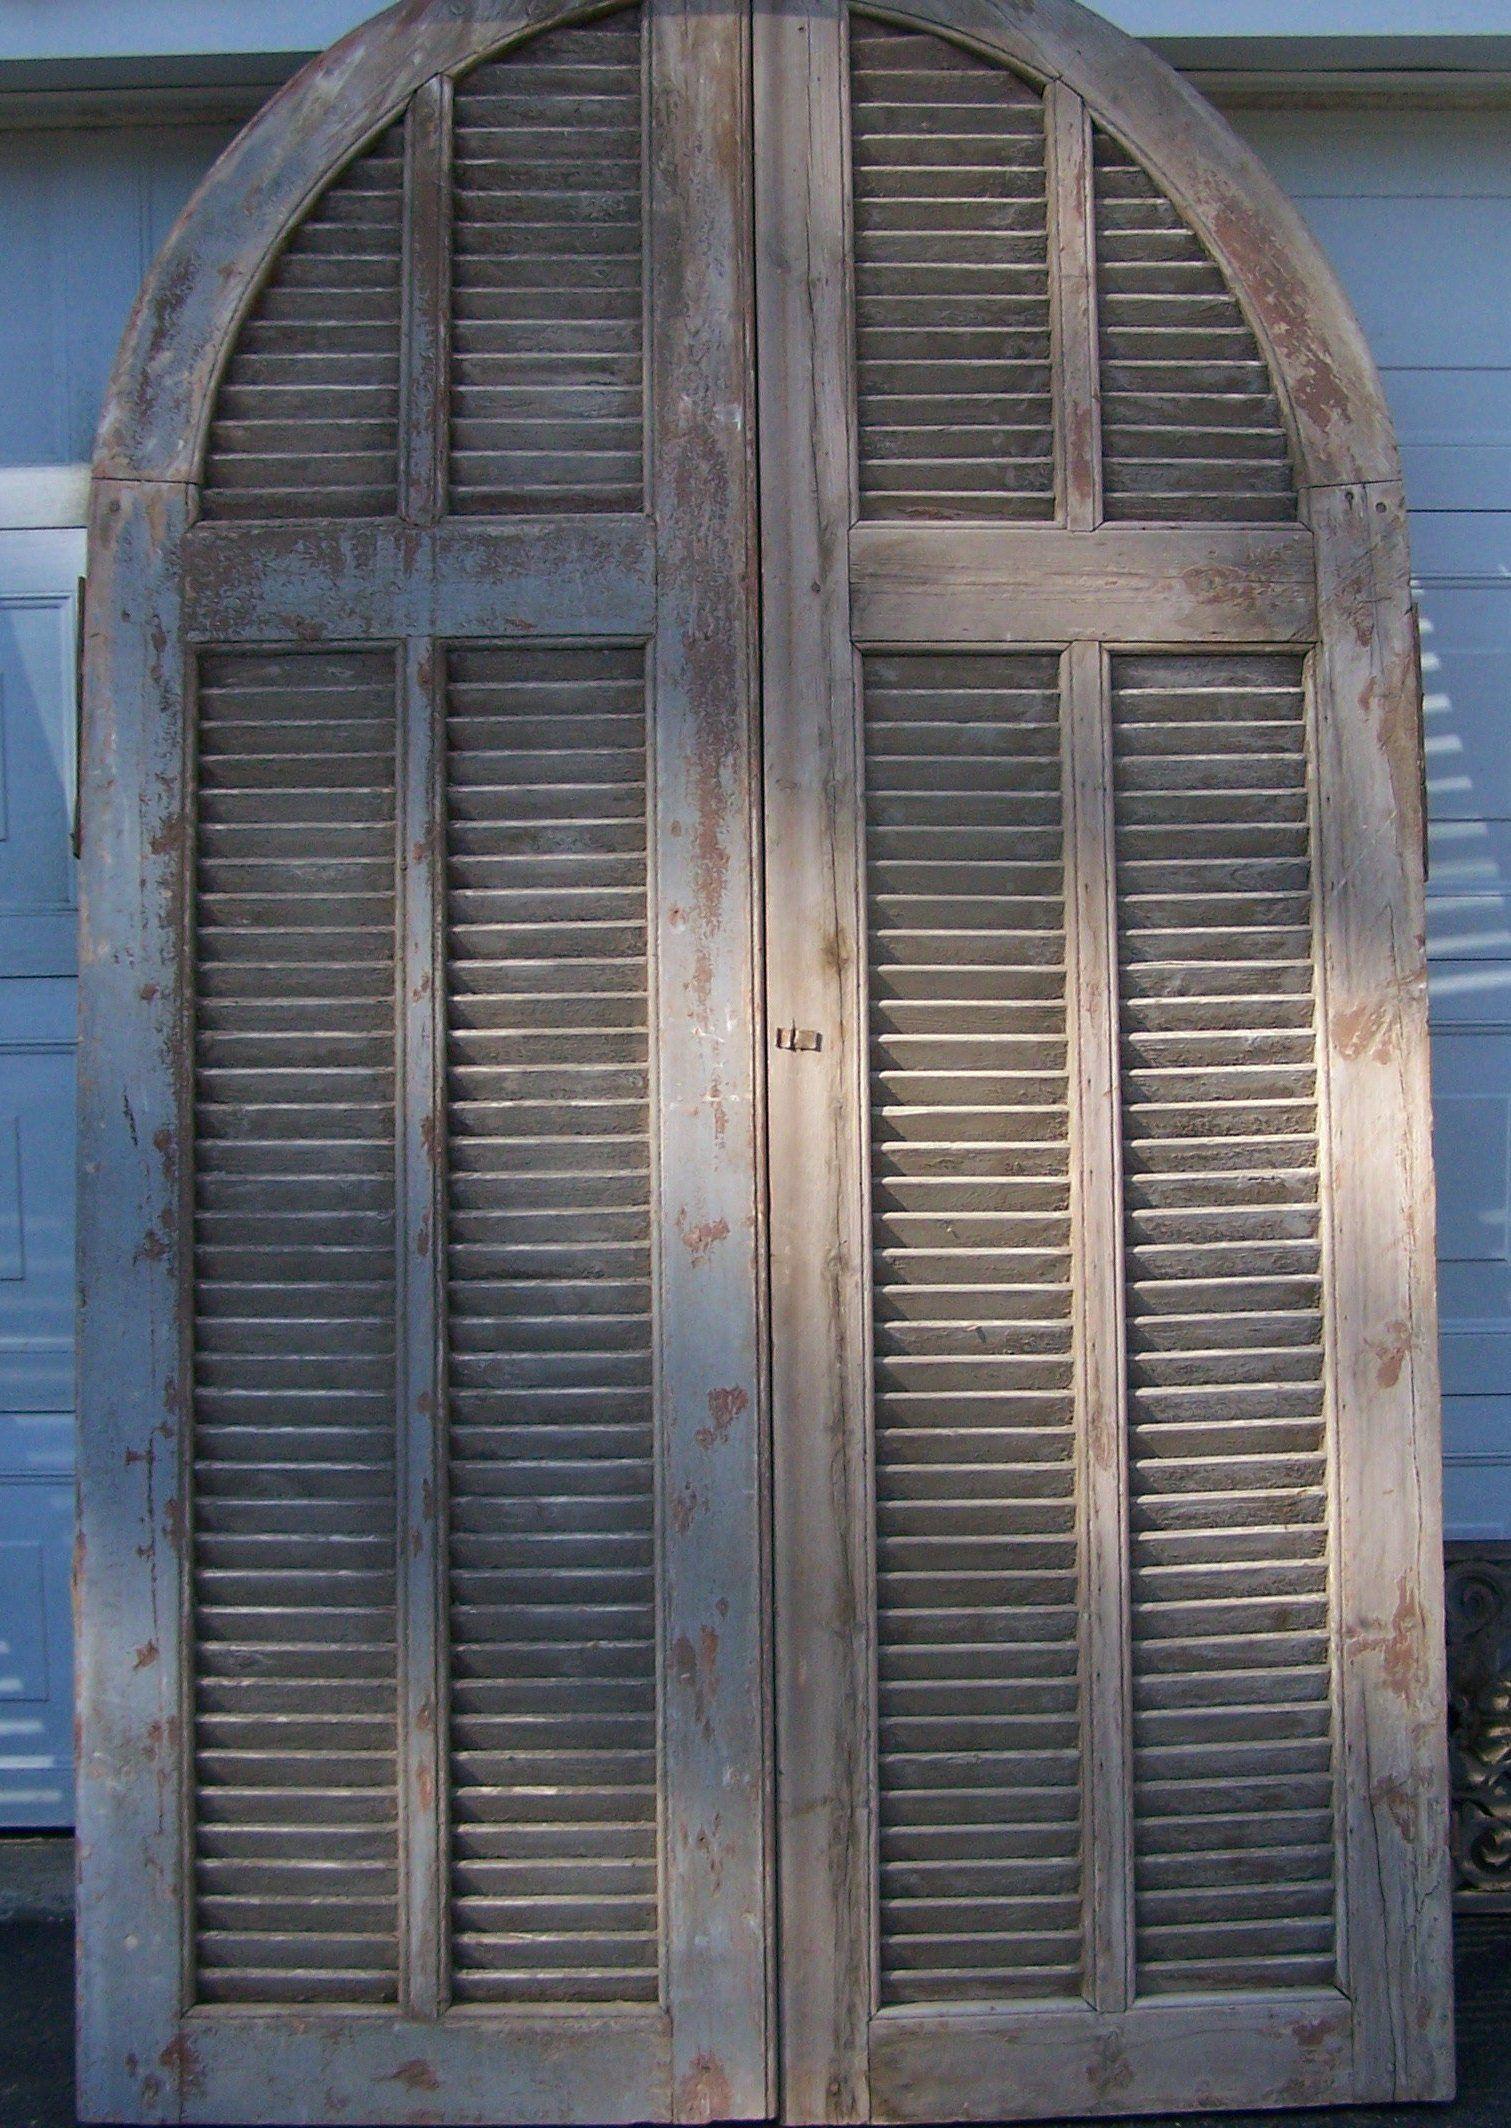 Antique Arched Door Two Panel Rustic Shutter Door Tall Salvage Mediterranean Door Original Heavy Chippy Paint Rustic Shutters Mediterranean Doors Arched Doors